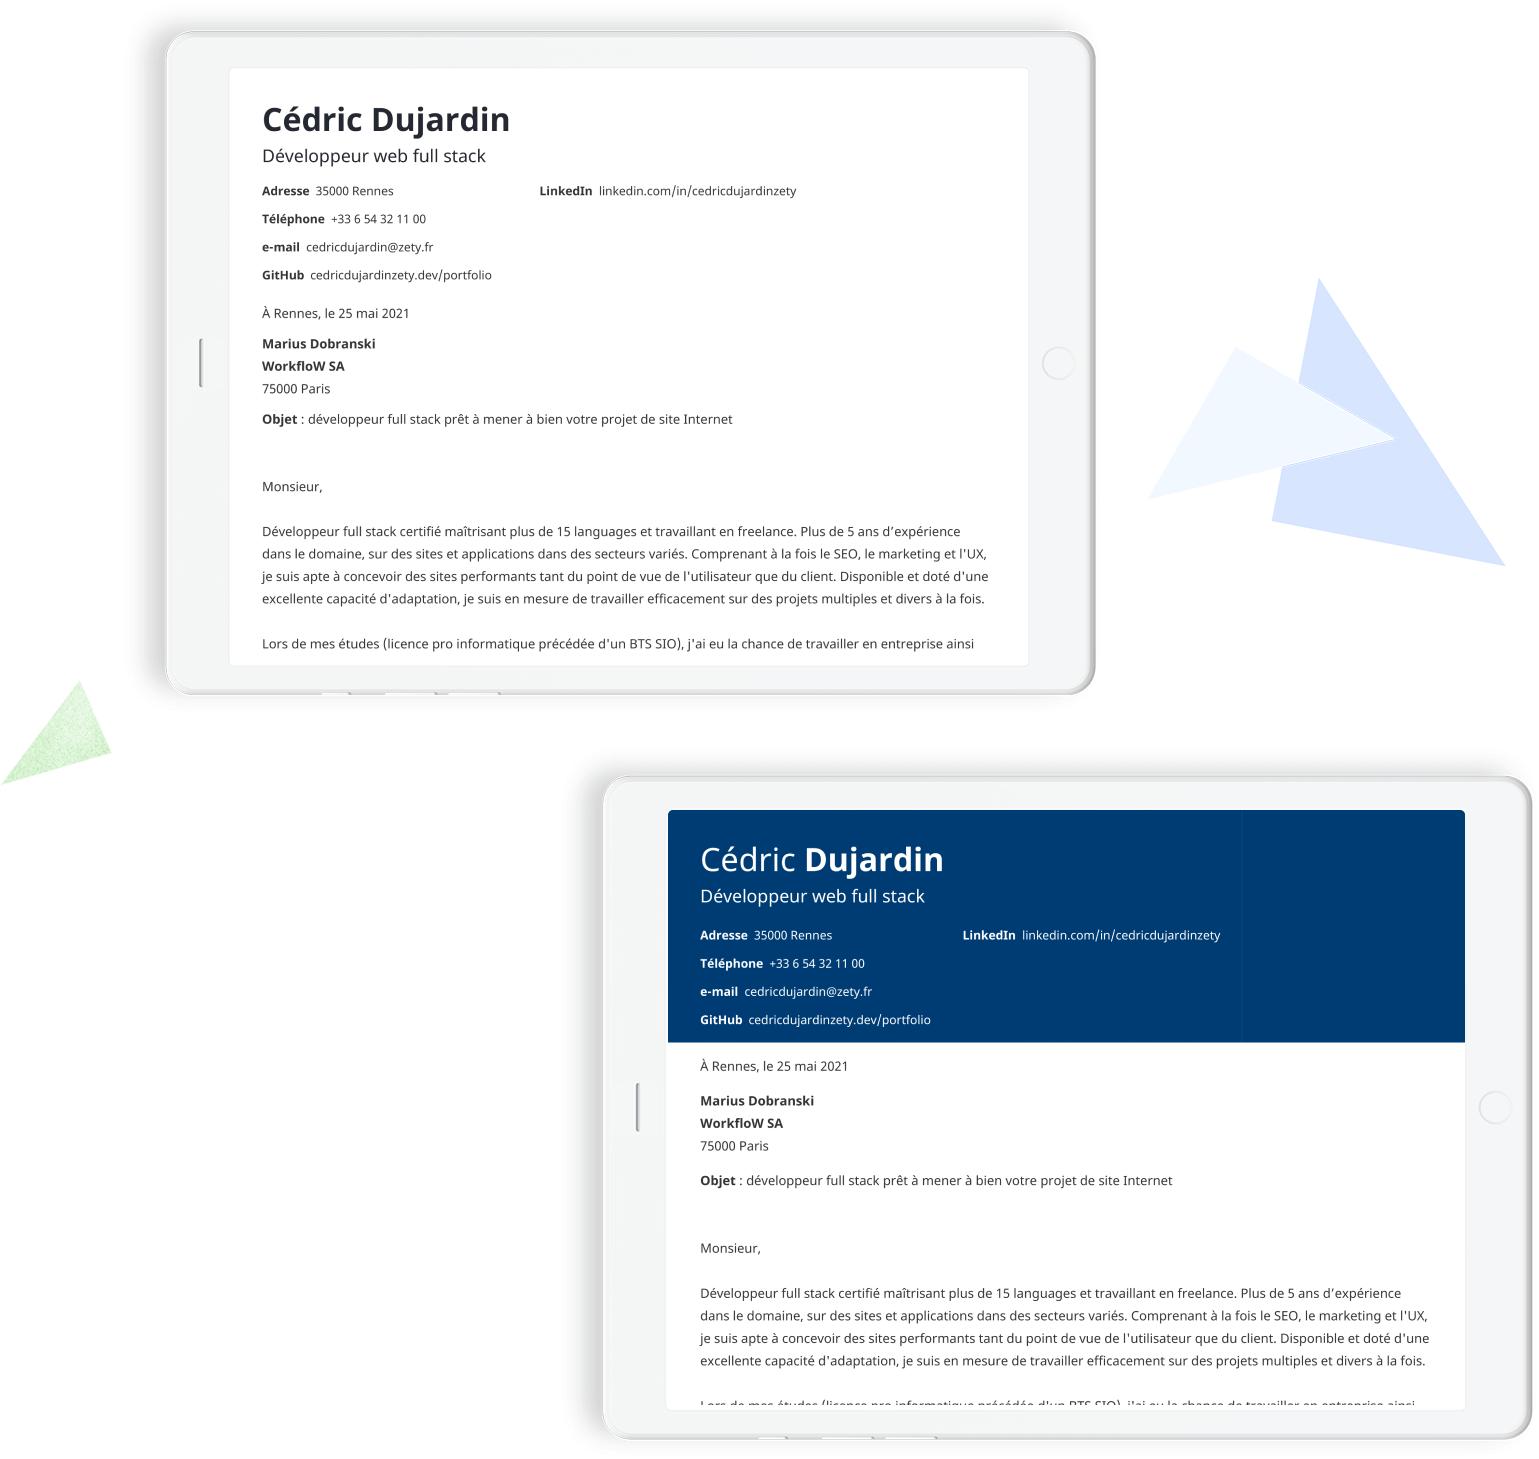 modèles de lettres de motivation à remplir en ligne